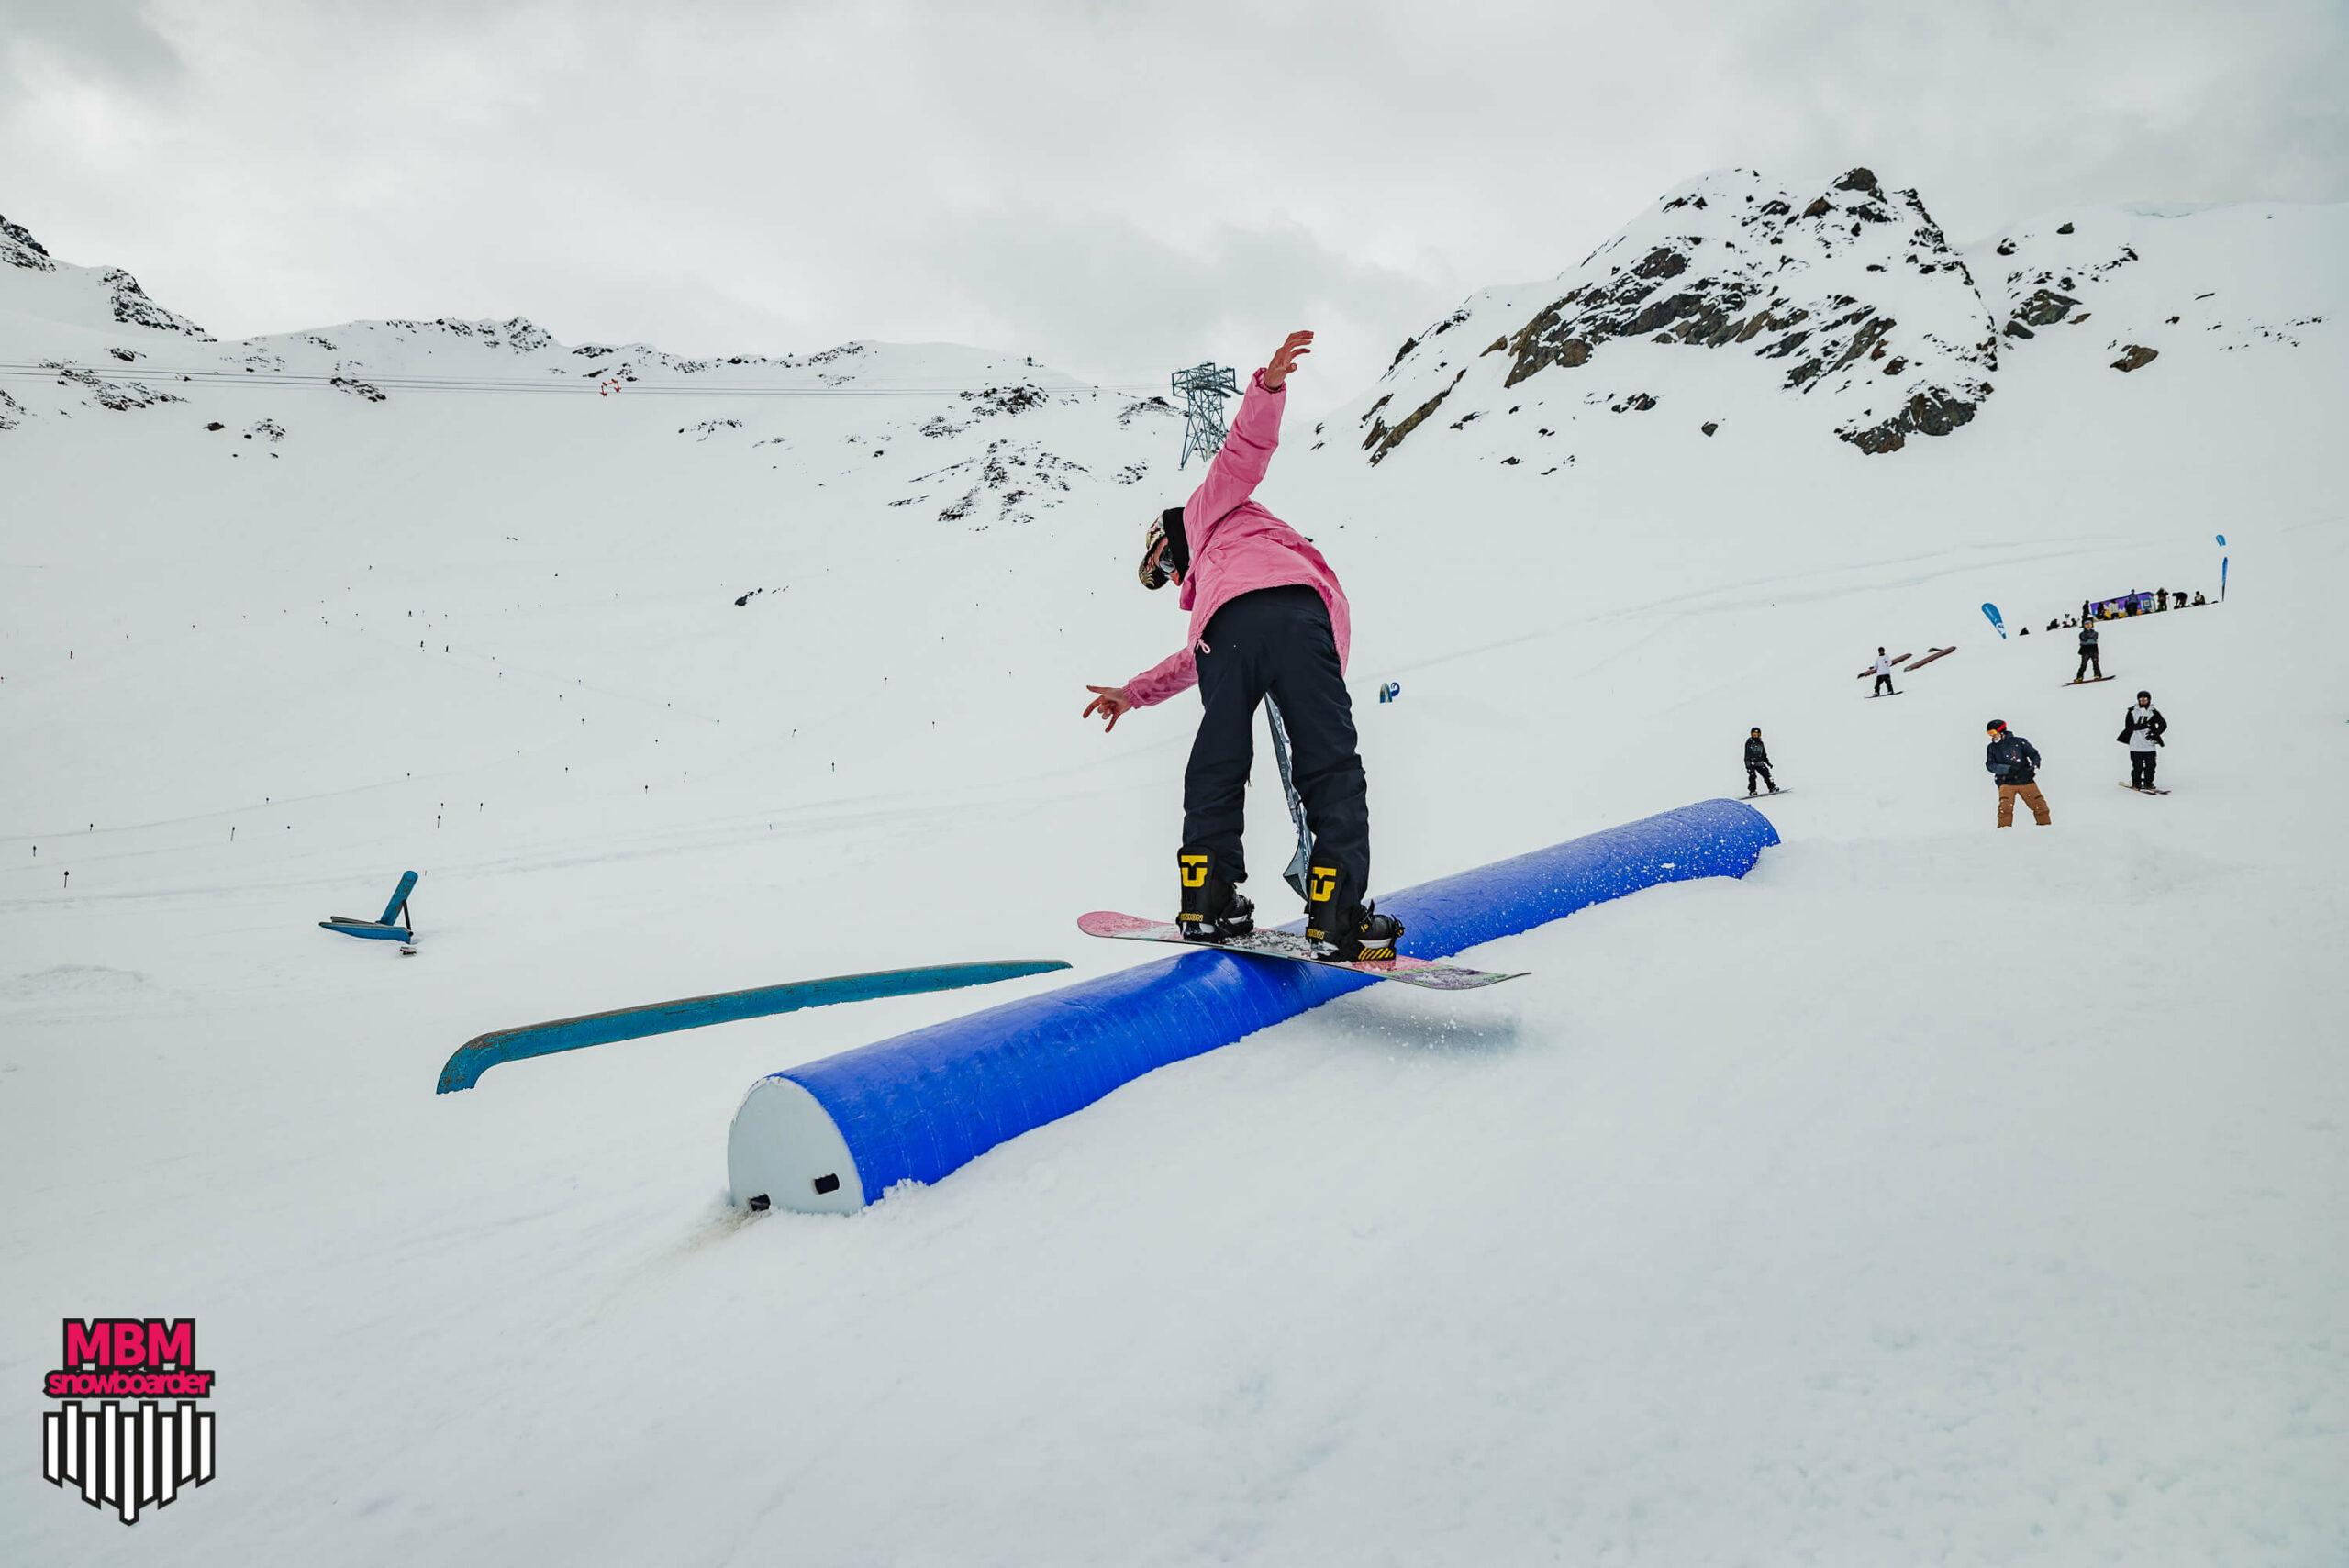 snowboarderMBM_sd_kaunertal_013